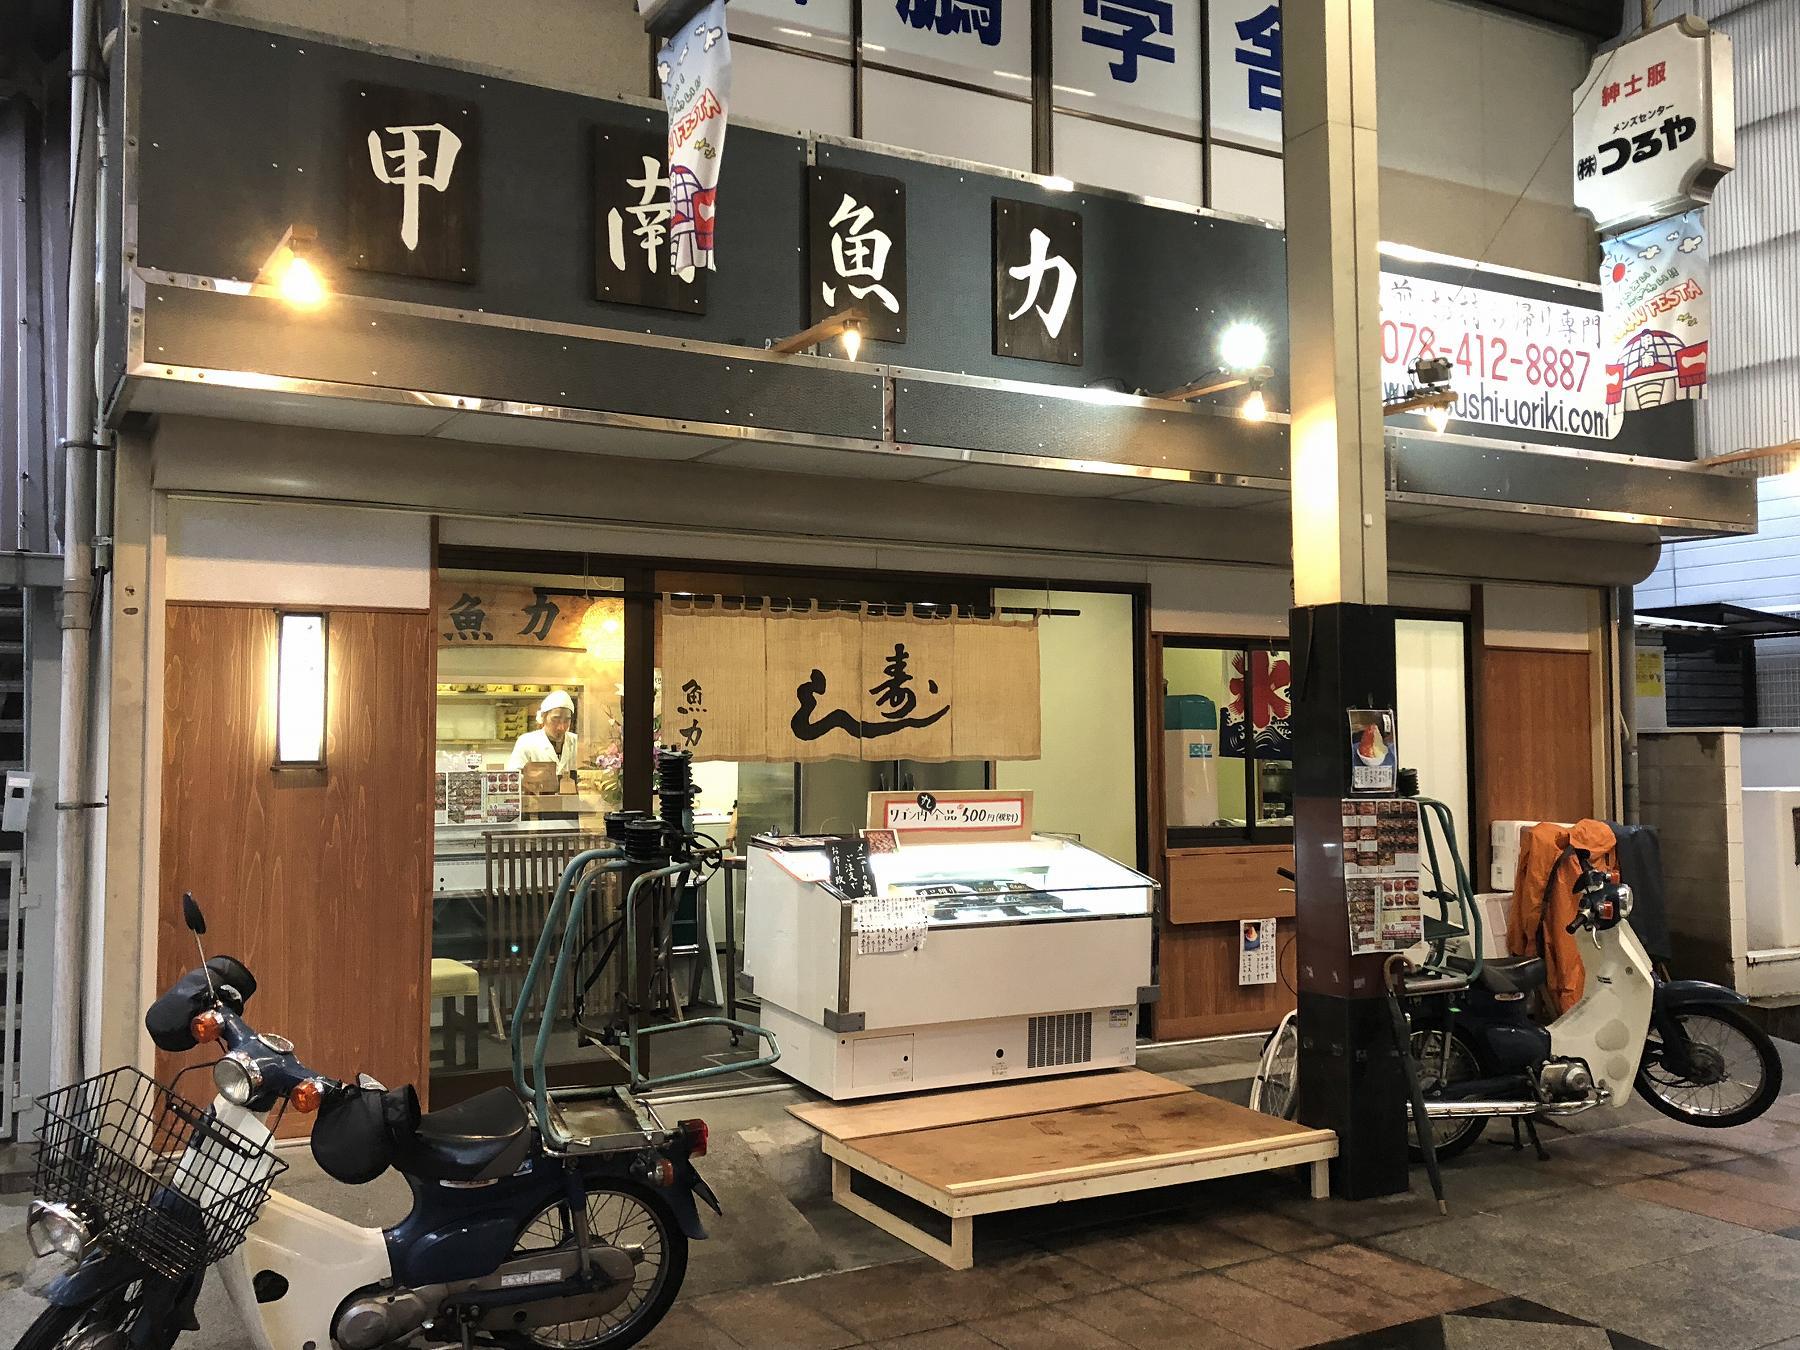 東灘・甲南本通商店街にすしの「魚力」さんがオープンしたよ! #寿司 #新規オープン #甲南本通商店街 #魚力